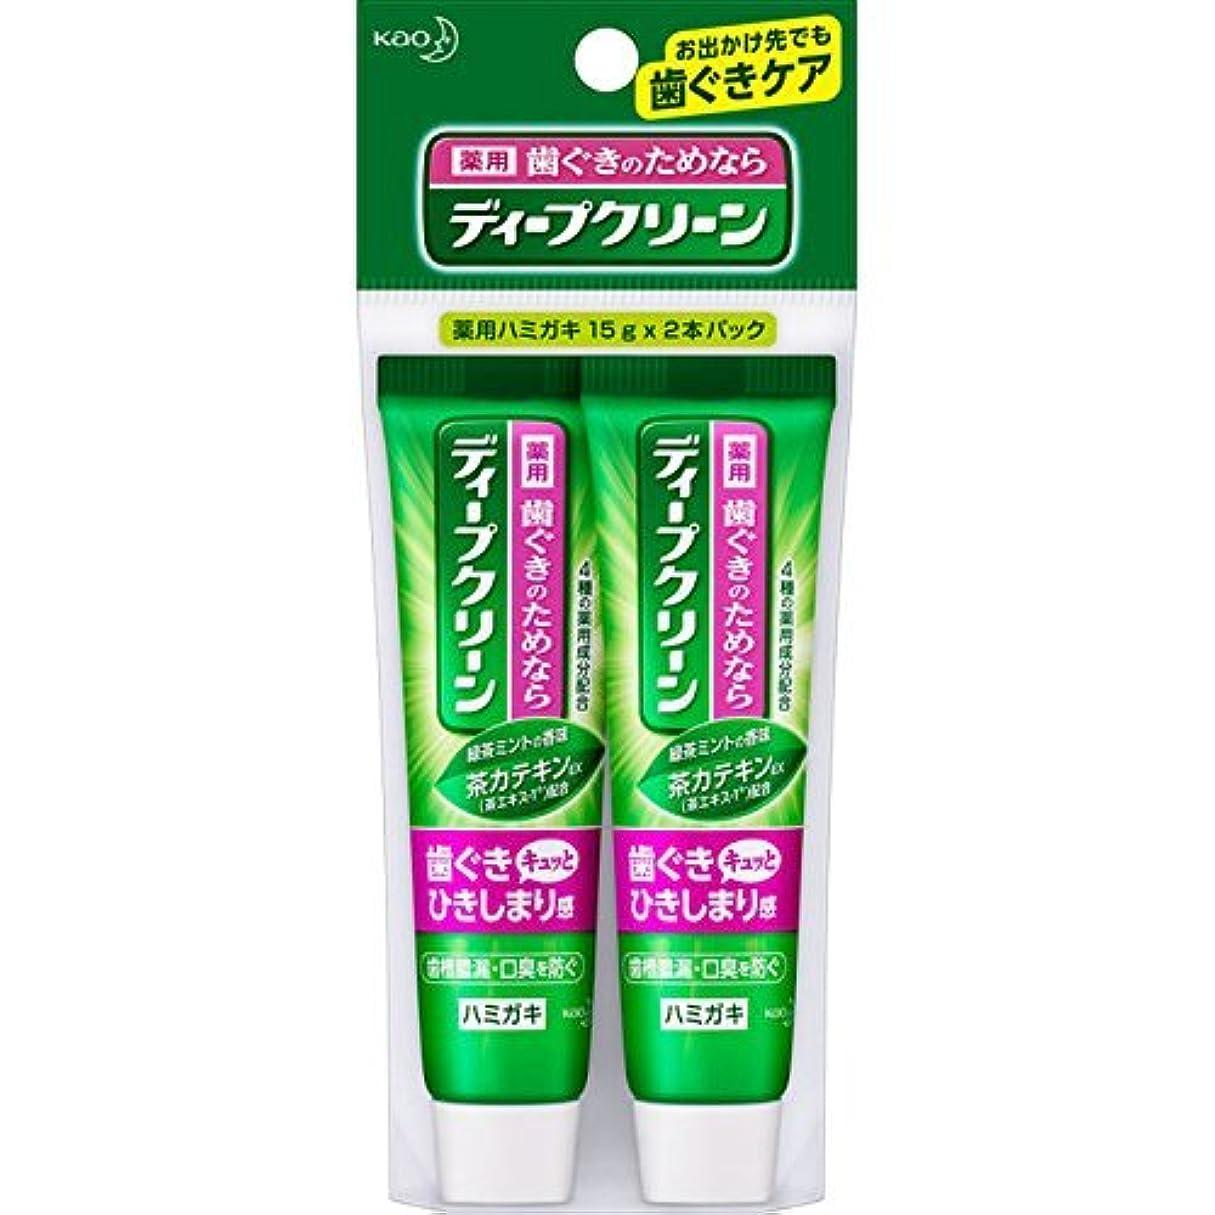 日食抜け目がないハチ花王 ディープクリーン 薬用ハミガキ ミニ 30g (医薬部外品)